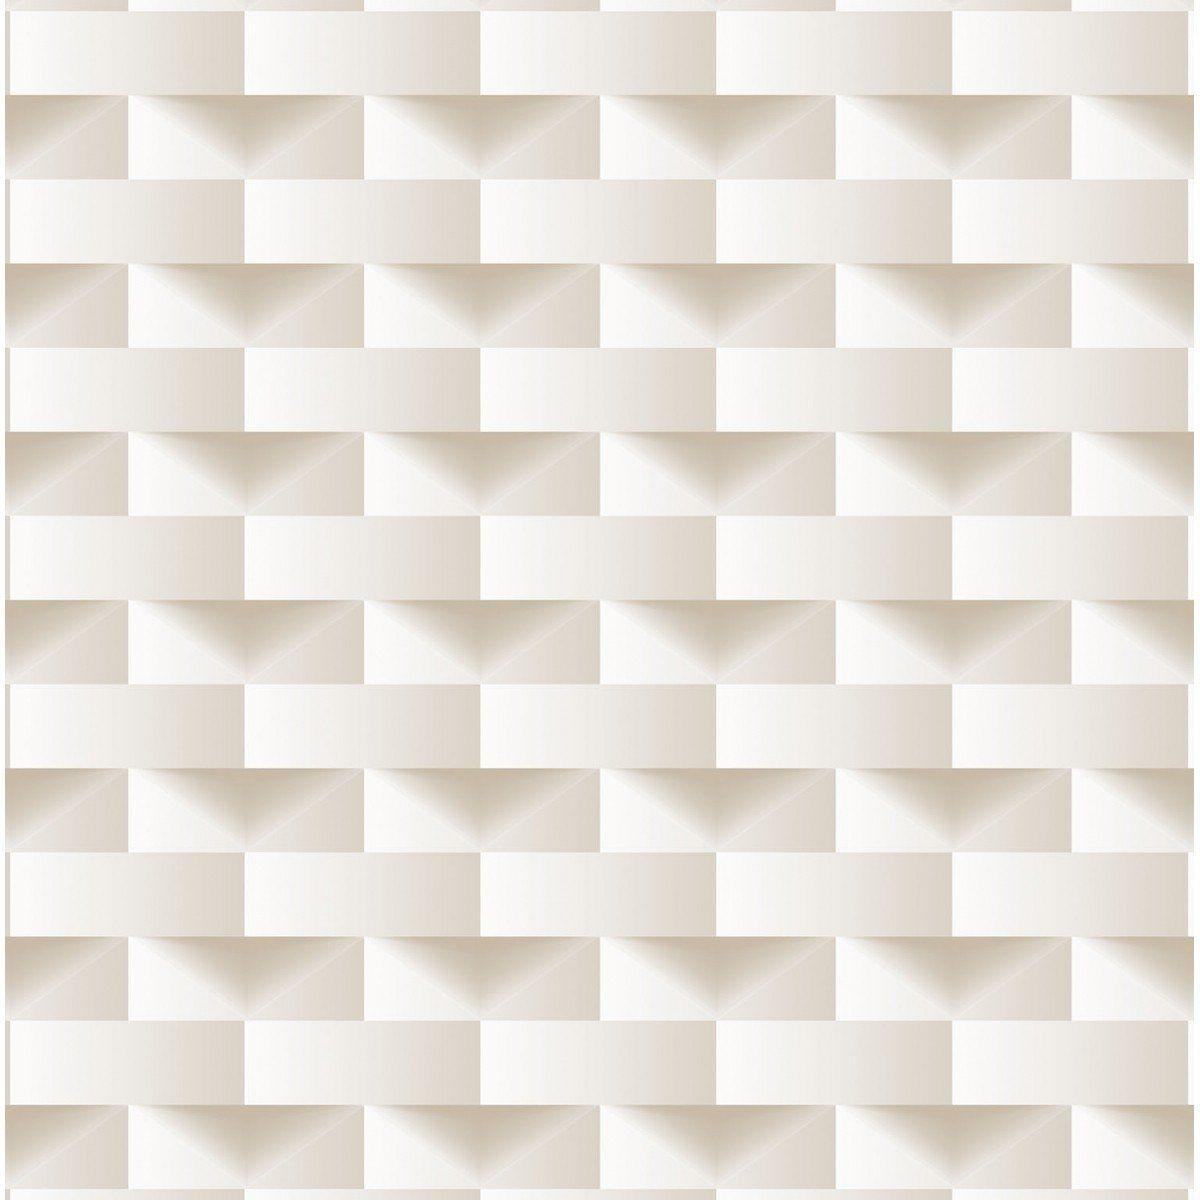 Papel de Parede Bobinex Coleção Dimensões Retângulo Bege L01 4701 - Lyam Decor